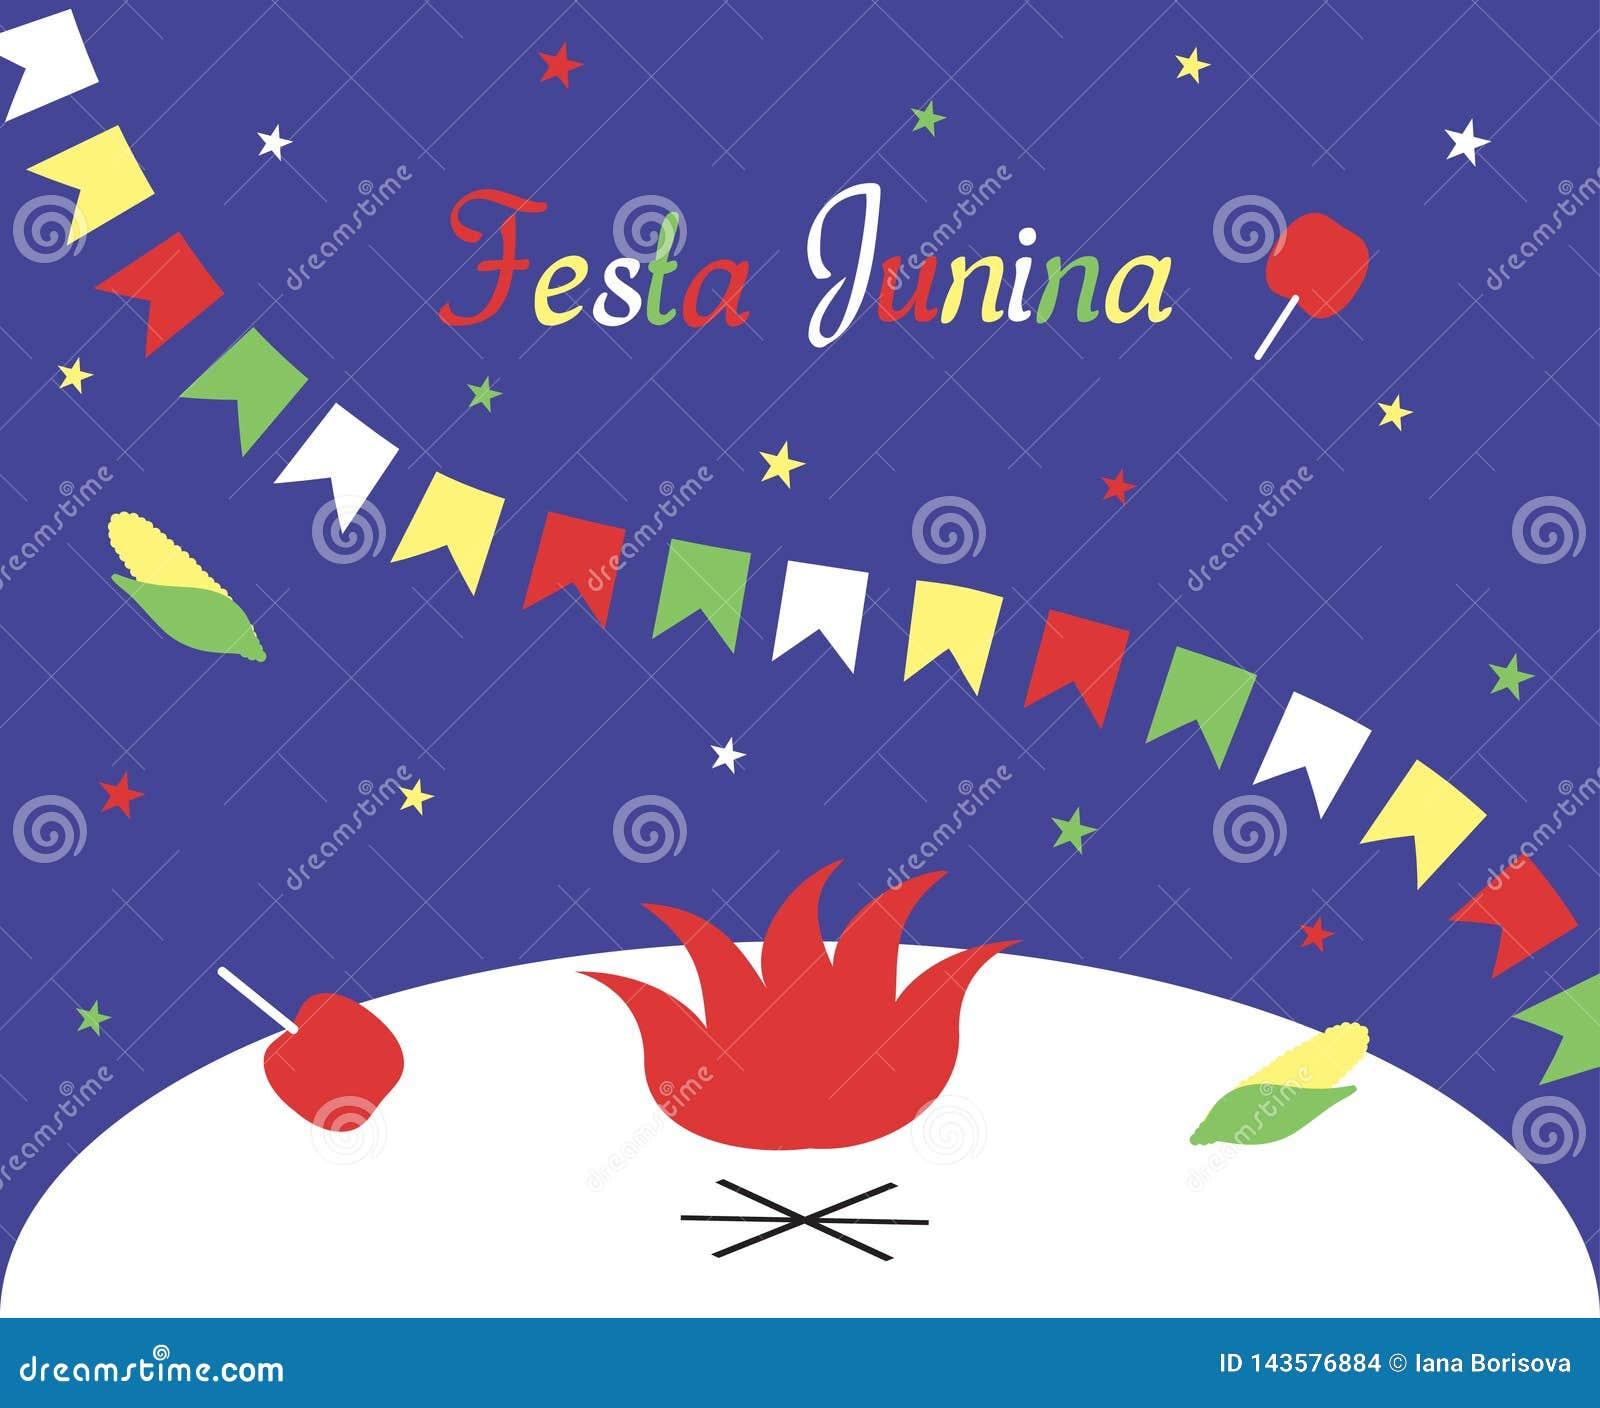 Festa Junina Het festival van Brazilië Juni Affiche, groetkaart of uitnodiging De inschrijving, een slinger van vlaggen, sterren,